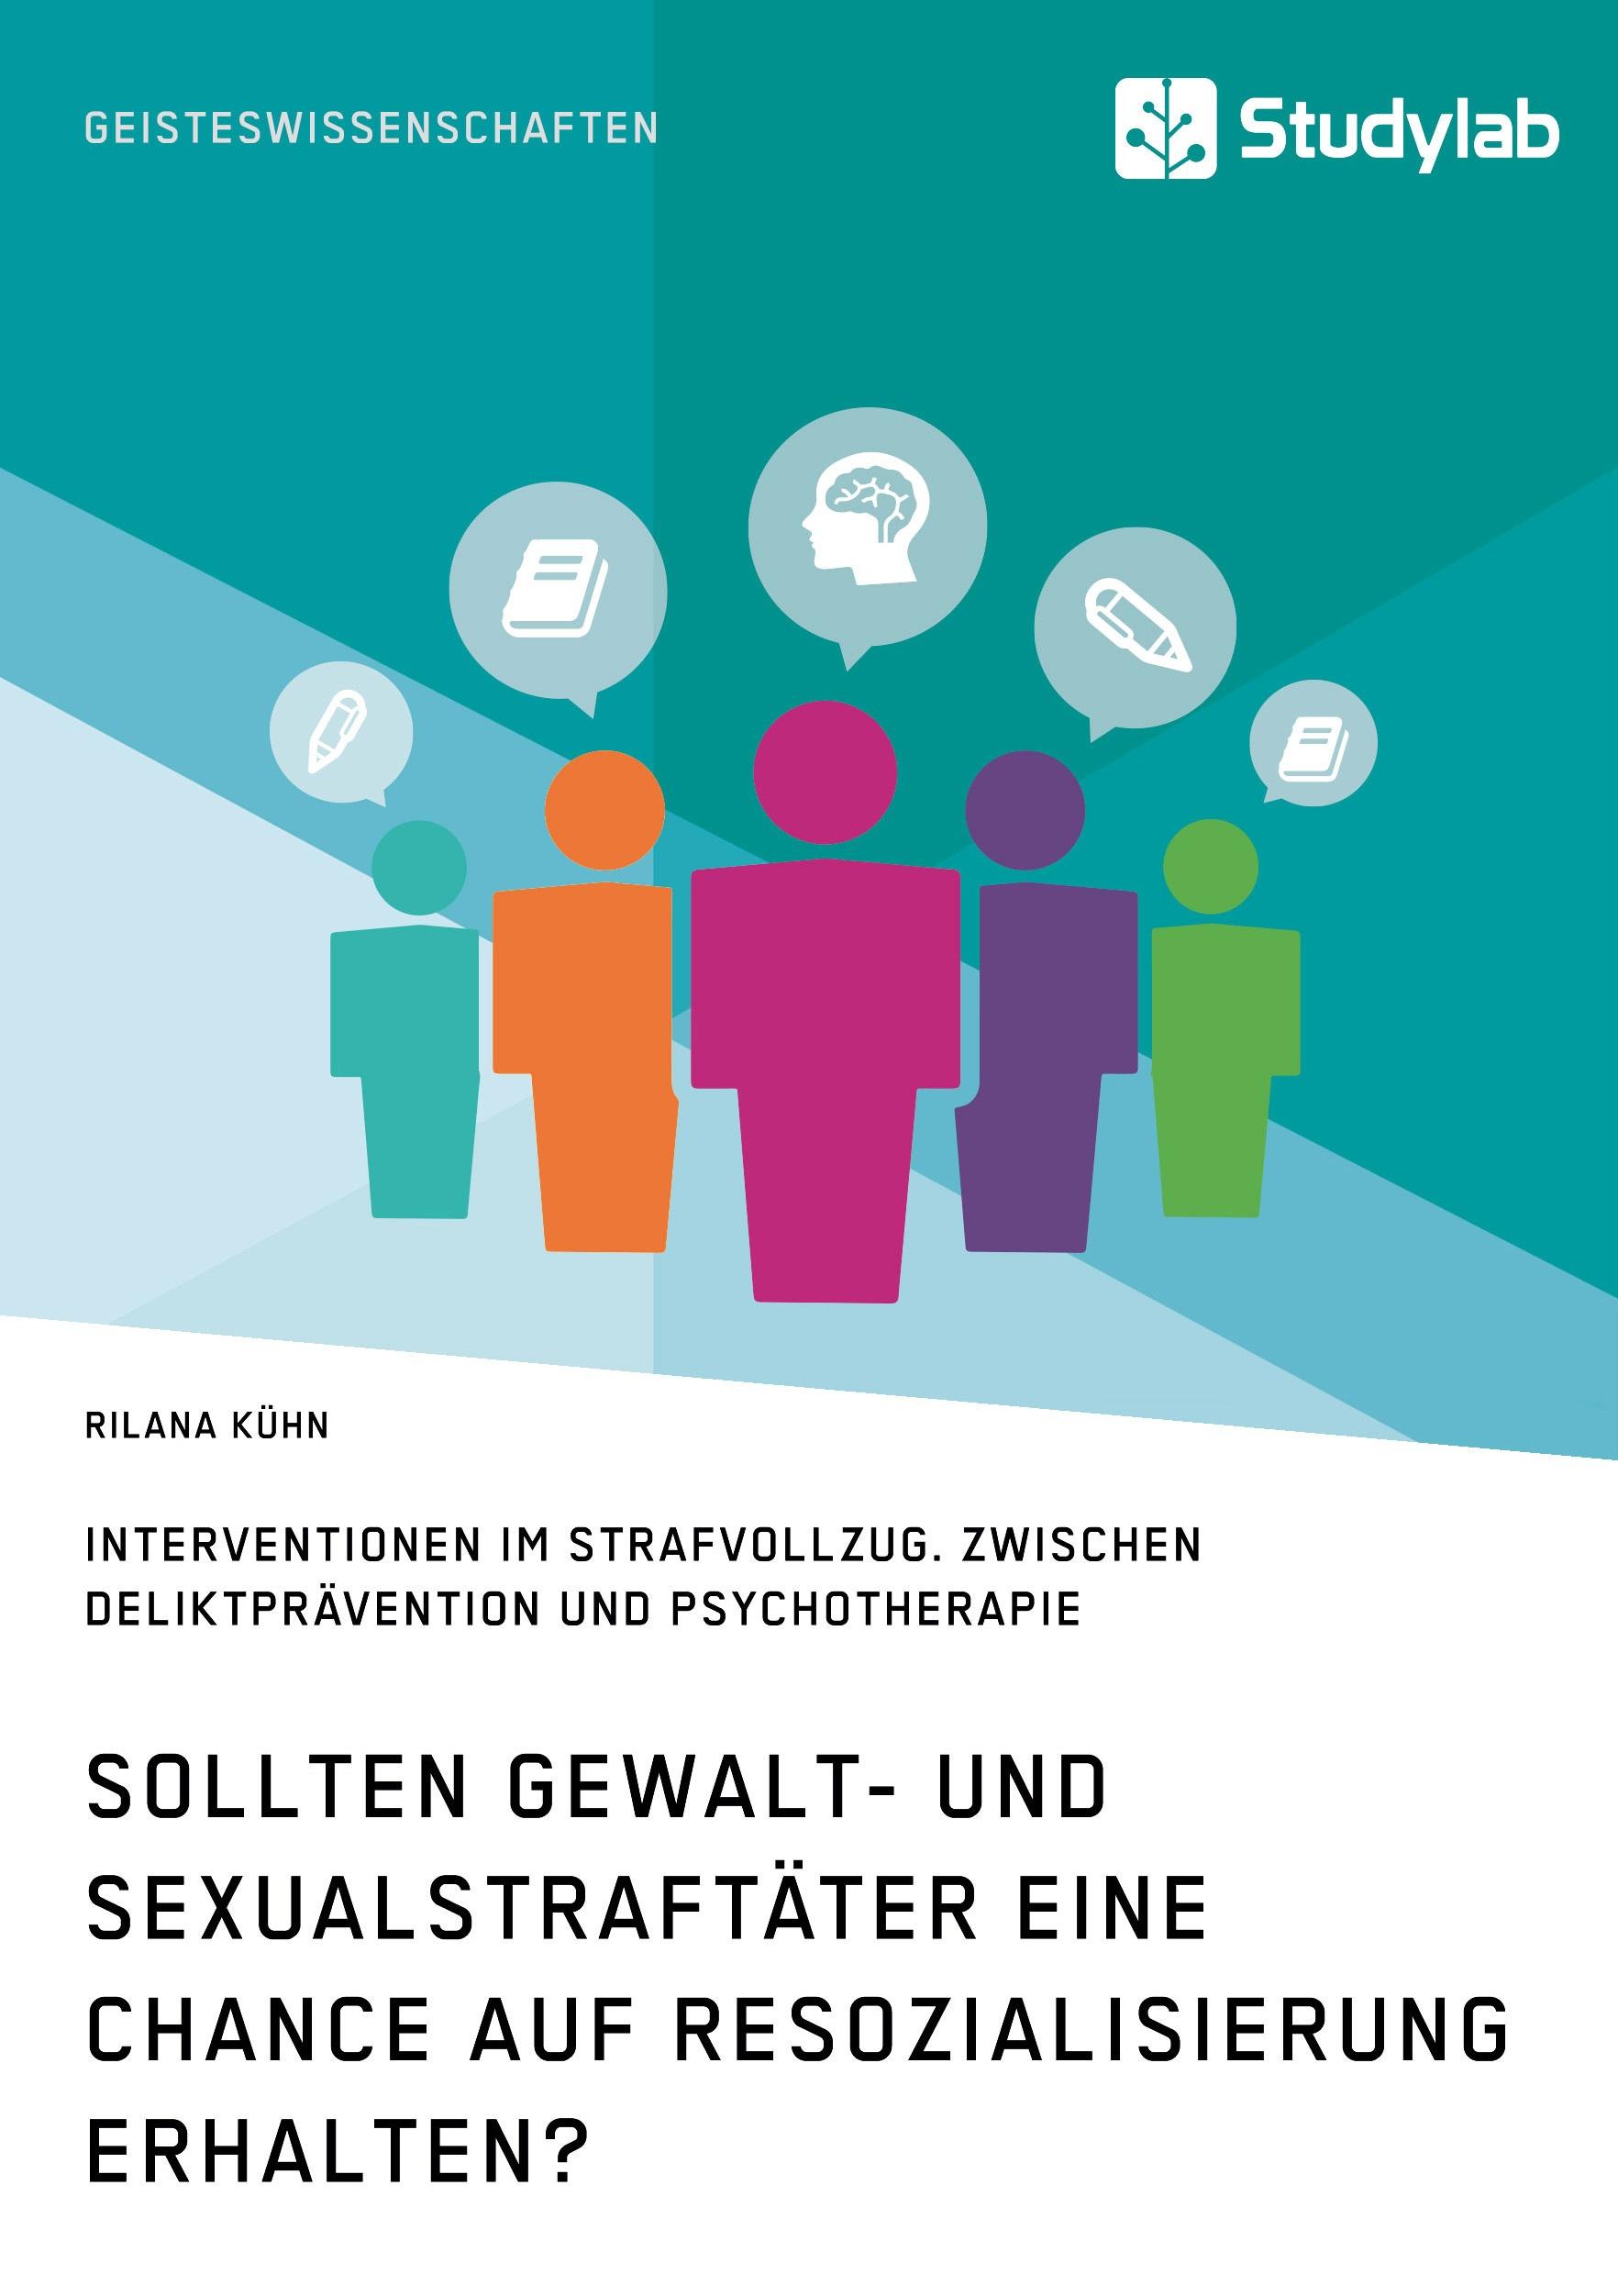 Titel: Sollten Gewalt- und Sexualstraftäter eine Chance auf Resozialisierung erhalten?